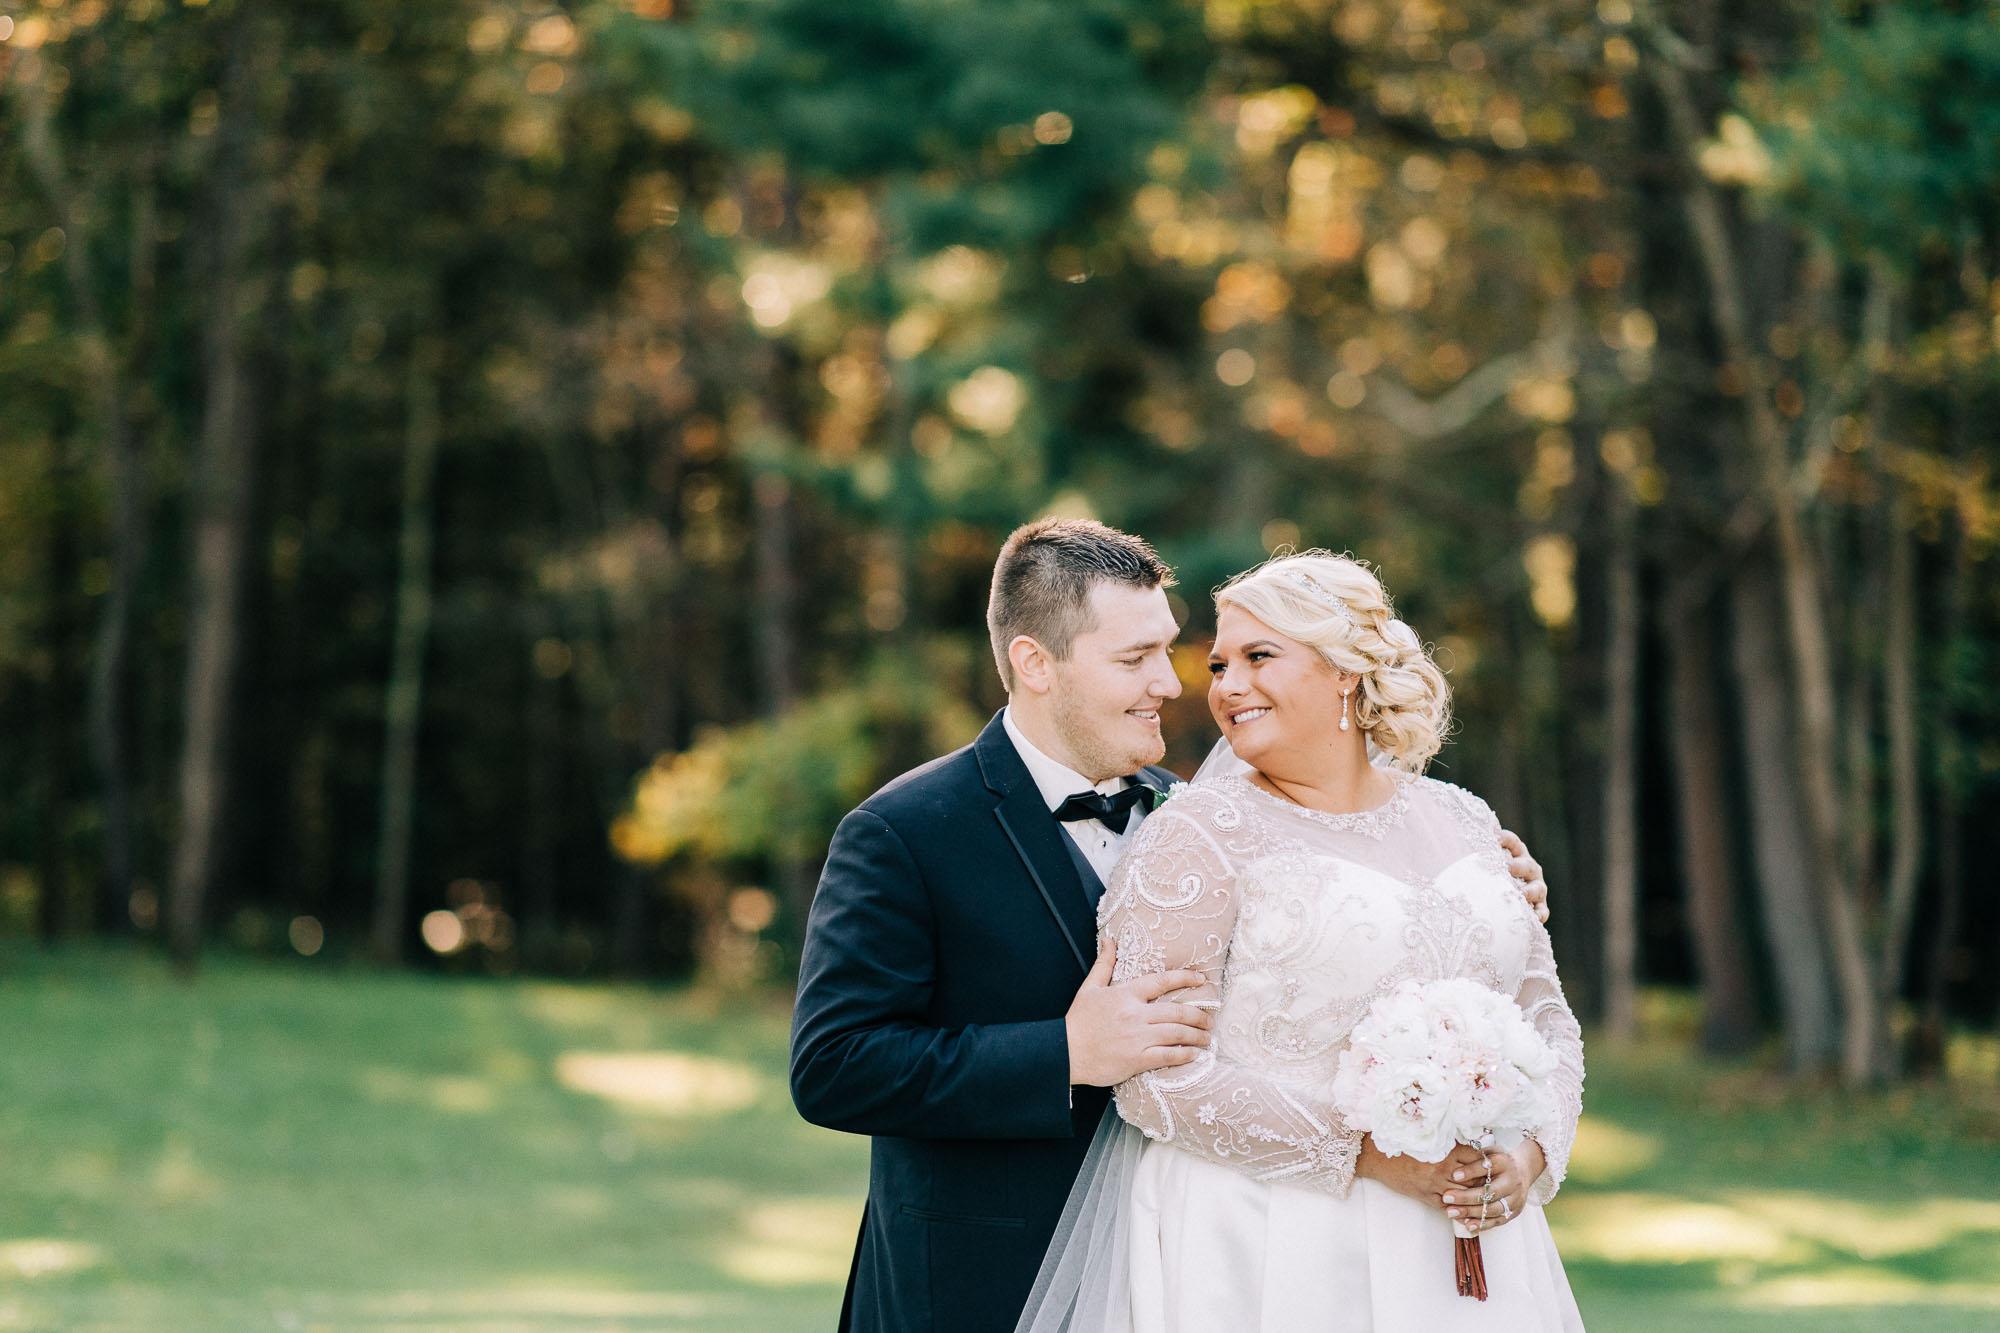 whitewoods-october-wedding-sk-3910.jpg